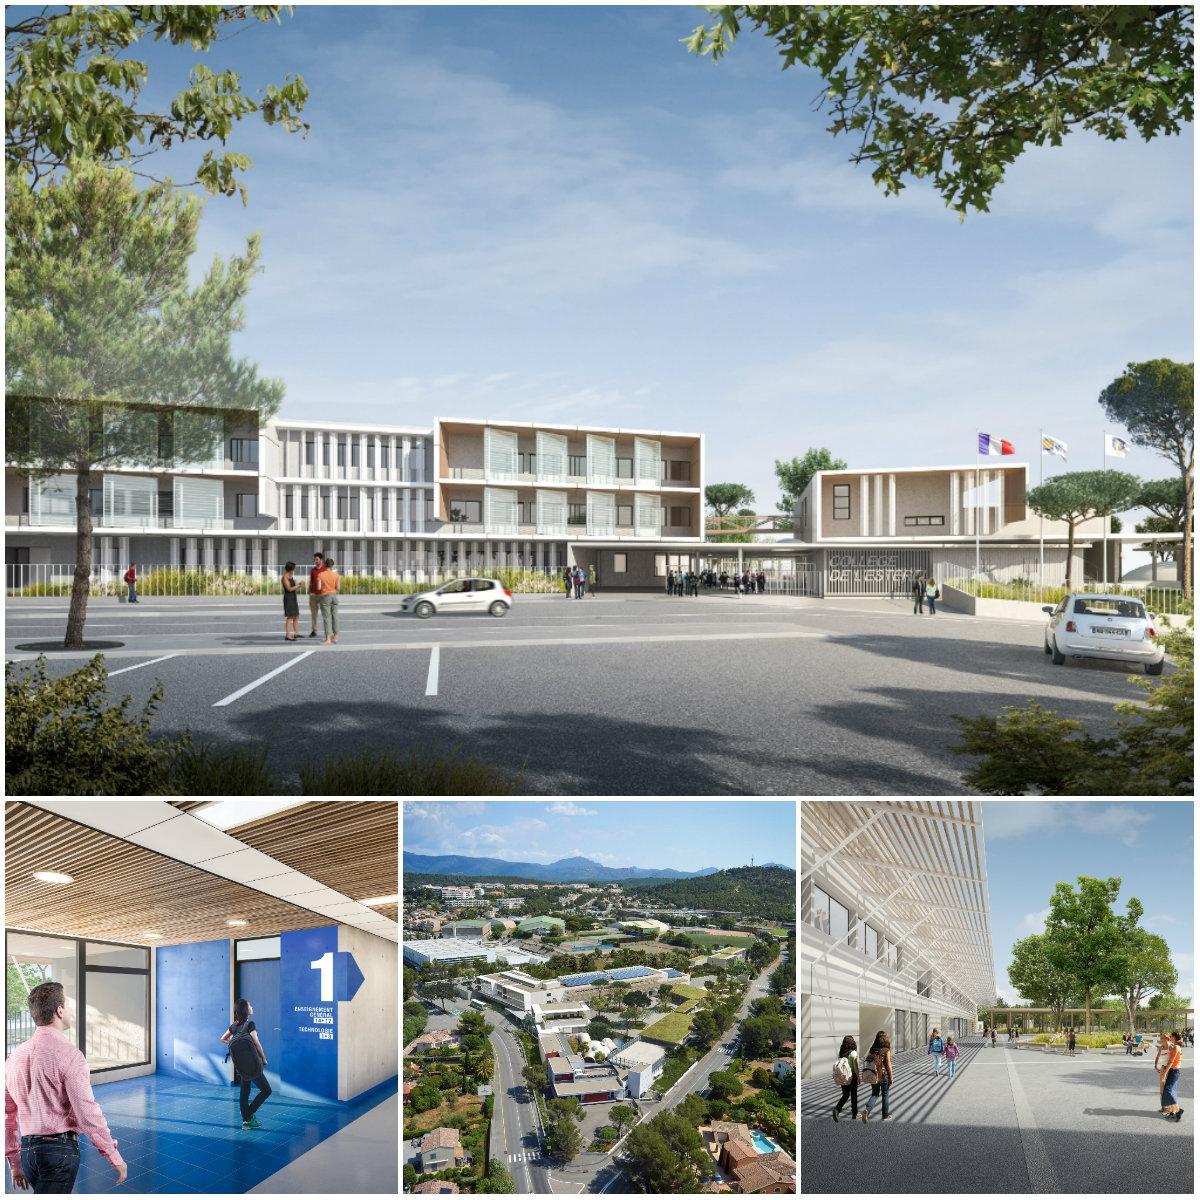 Visuels intérieur et extérieur de la future construction dont la livraison est prévue en mars 2018.